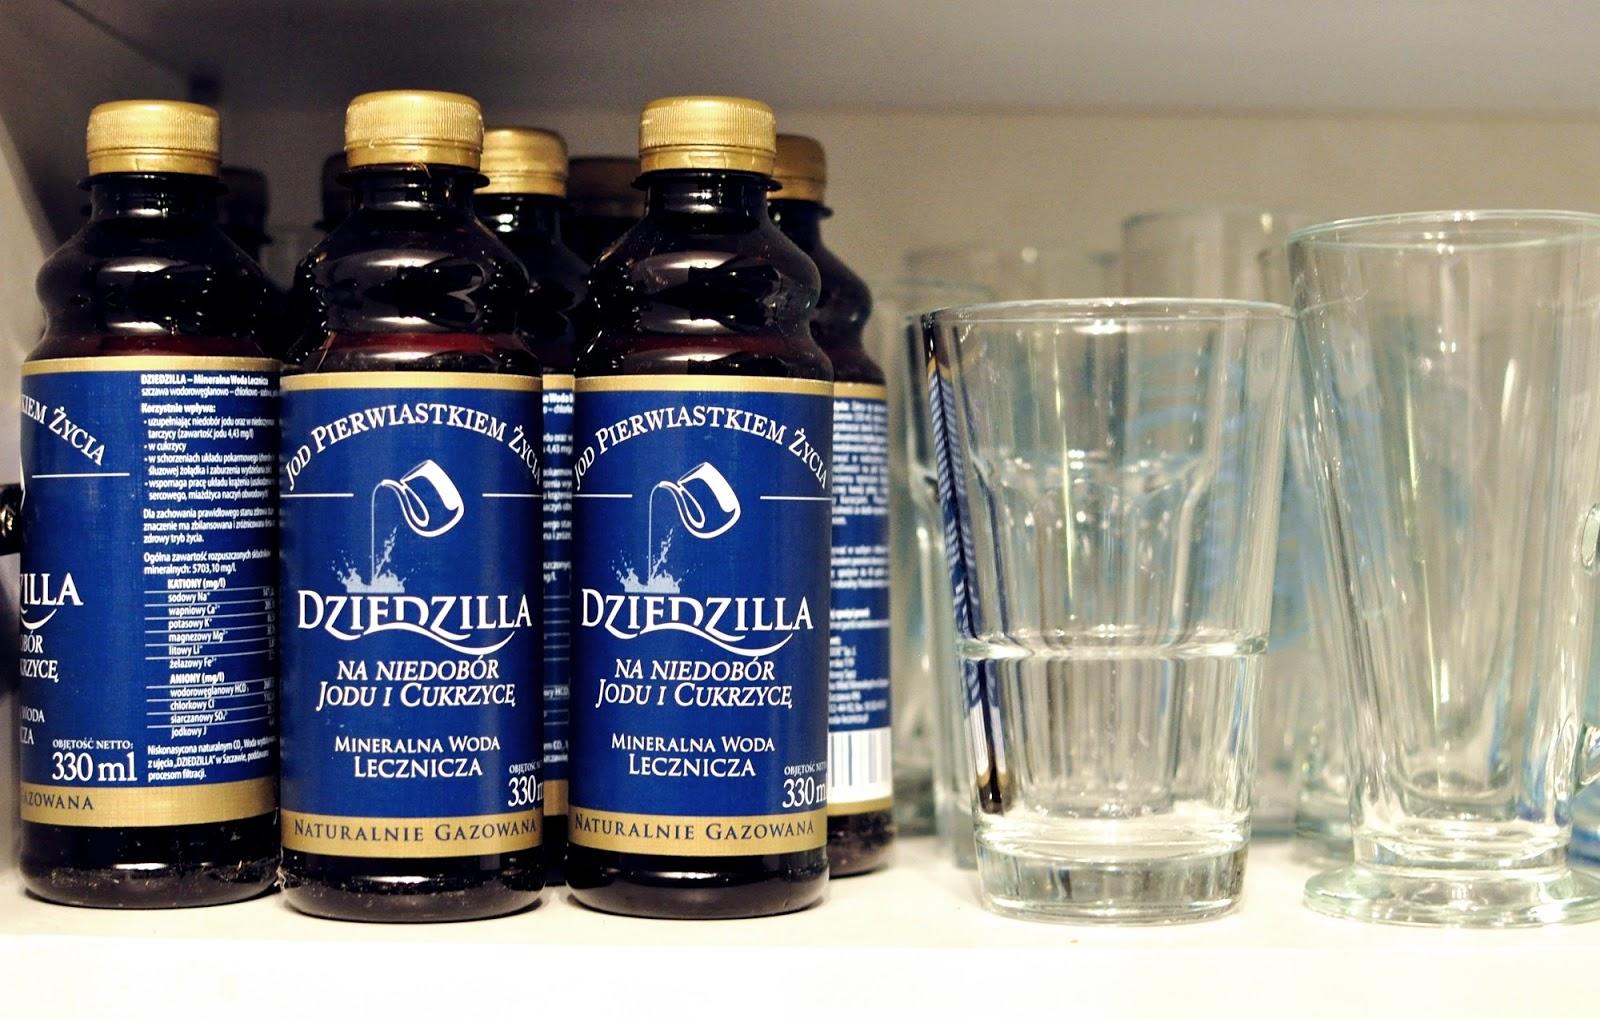 woda-poprawiająca-zdrowie